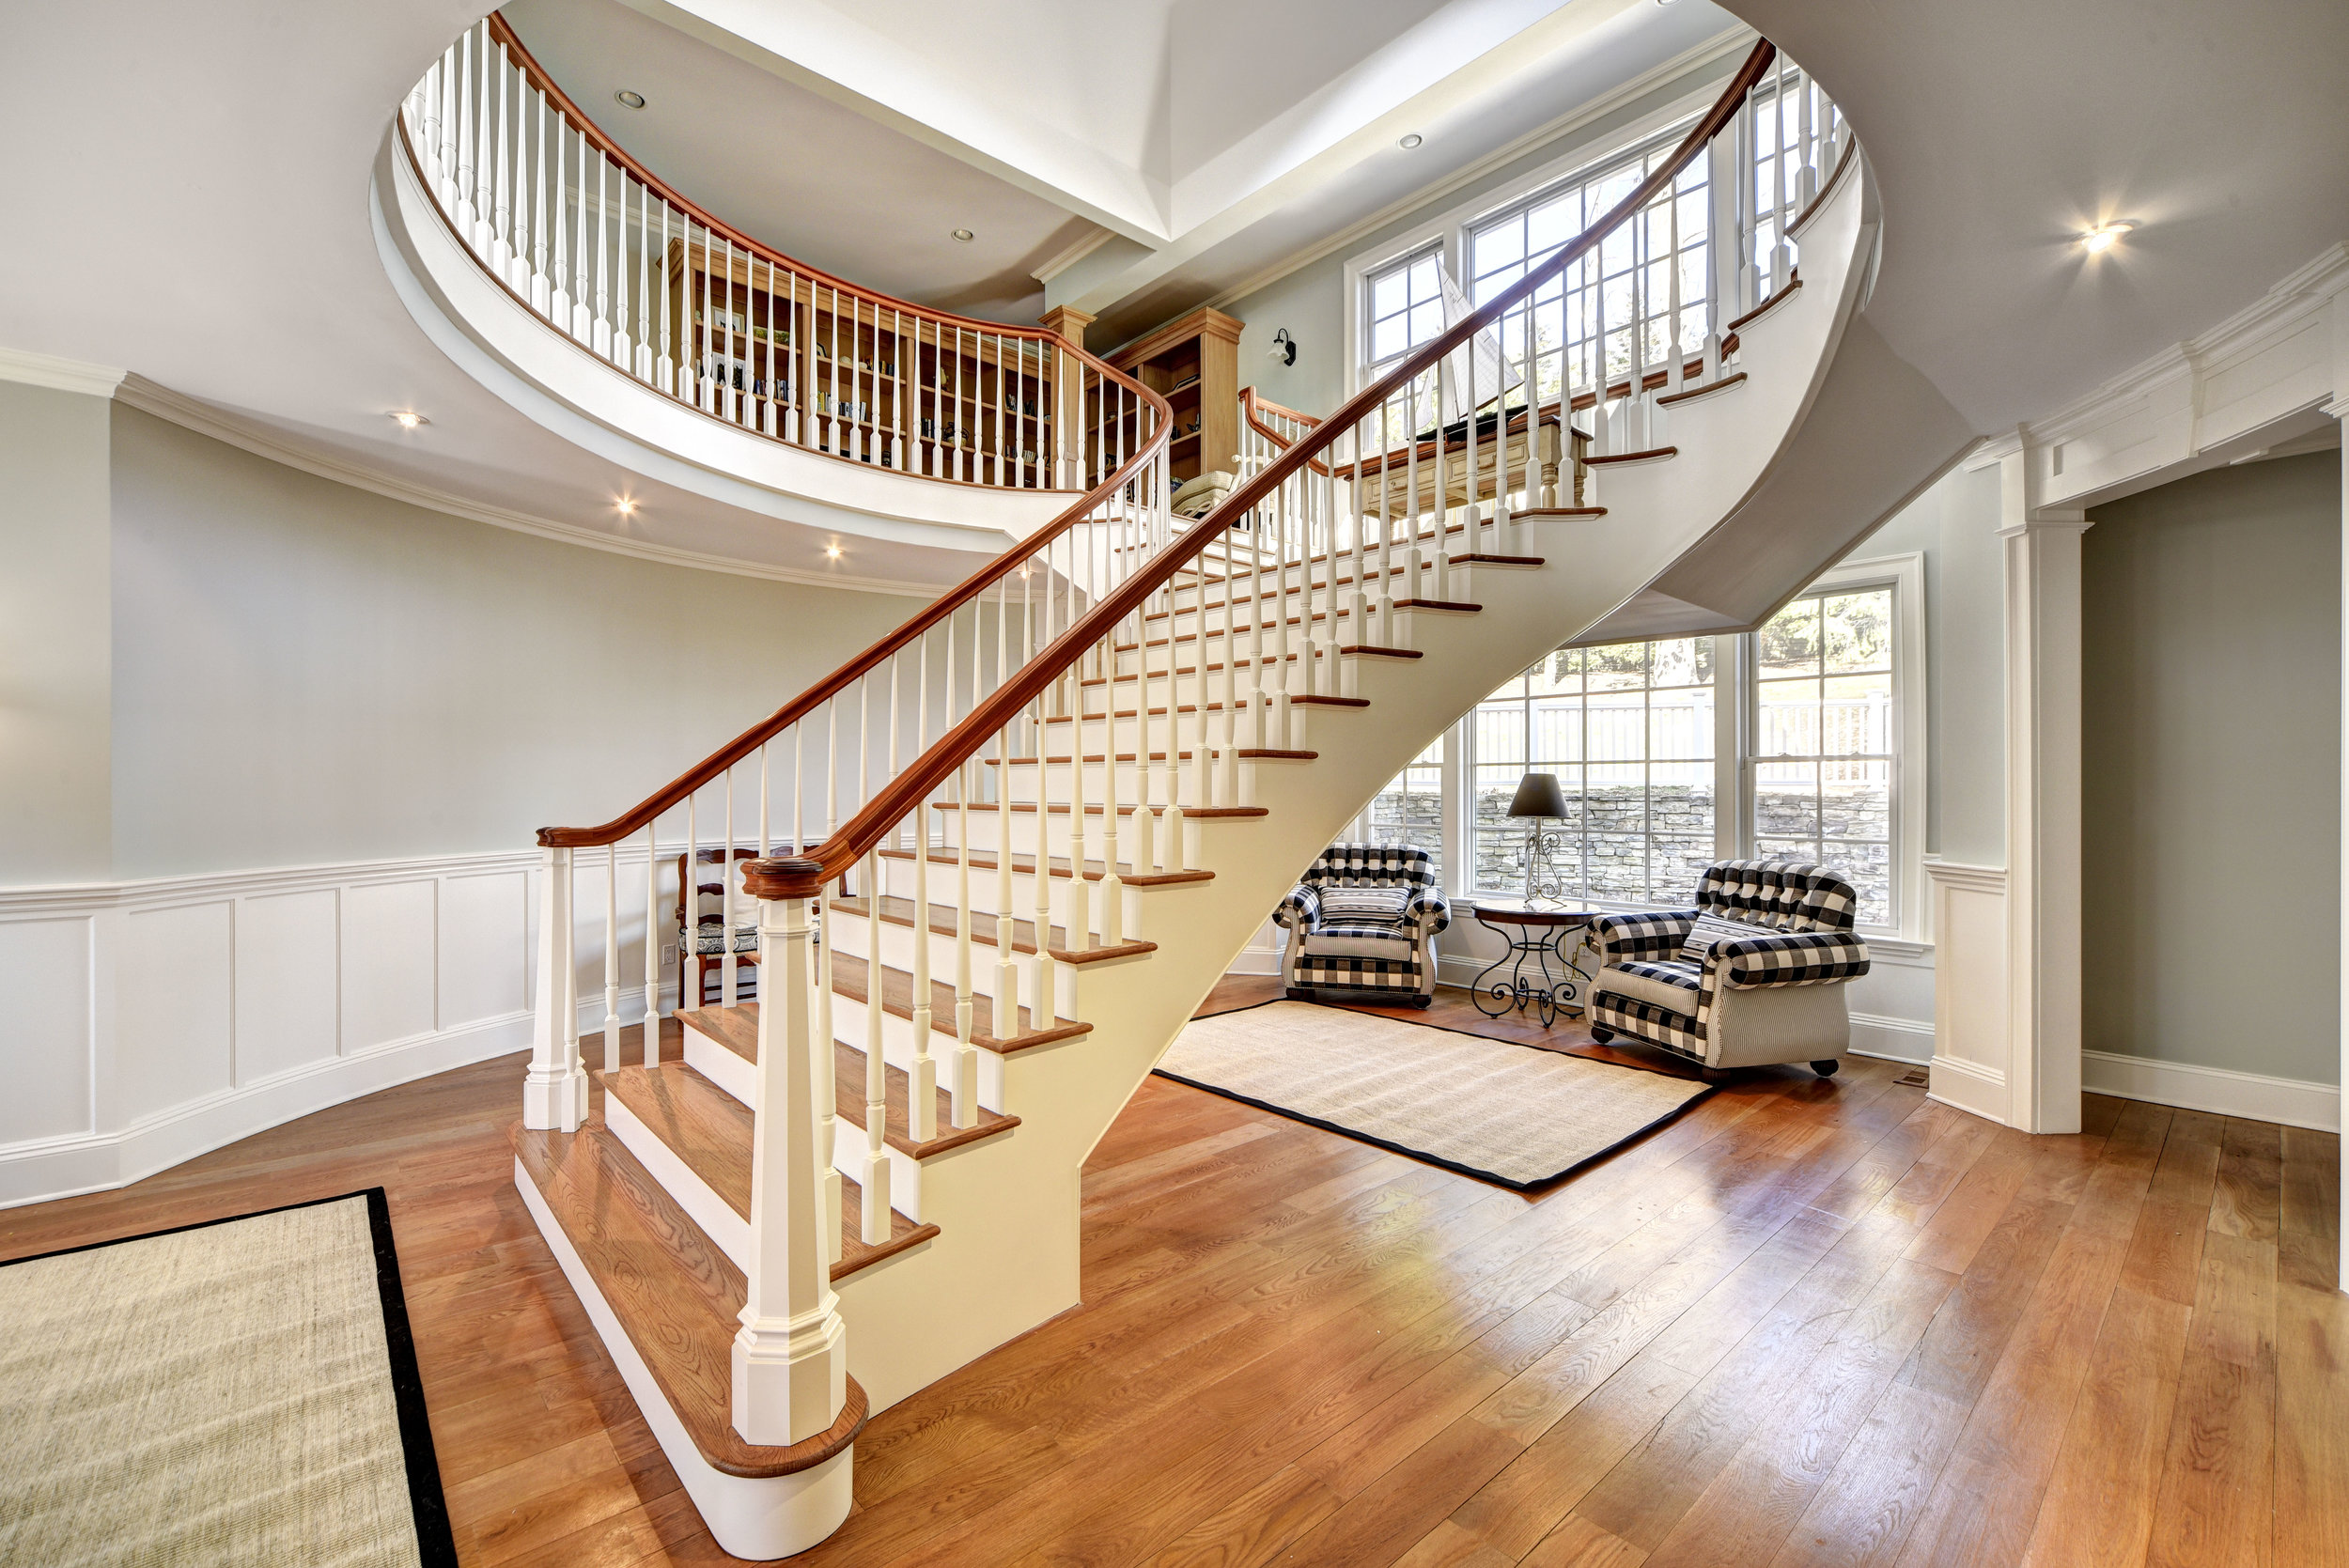 29 Winthrop Rd stairs.jpg